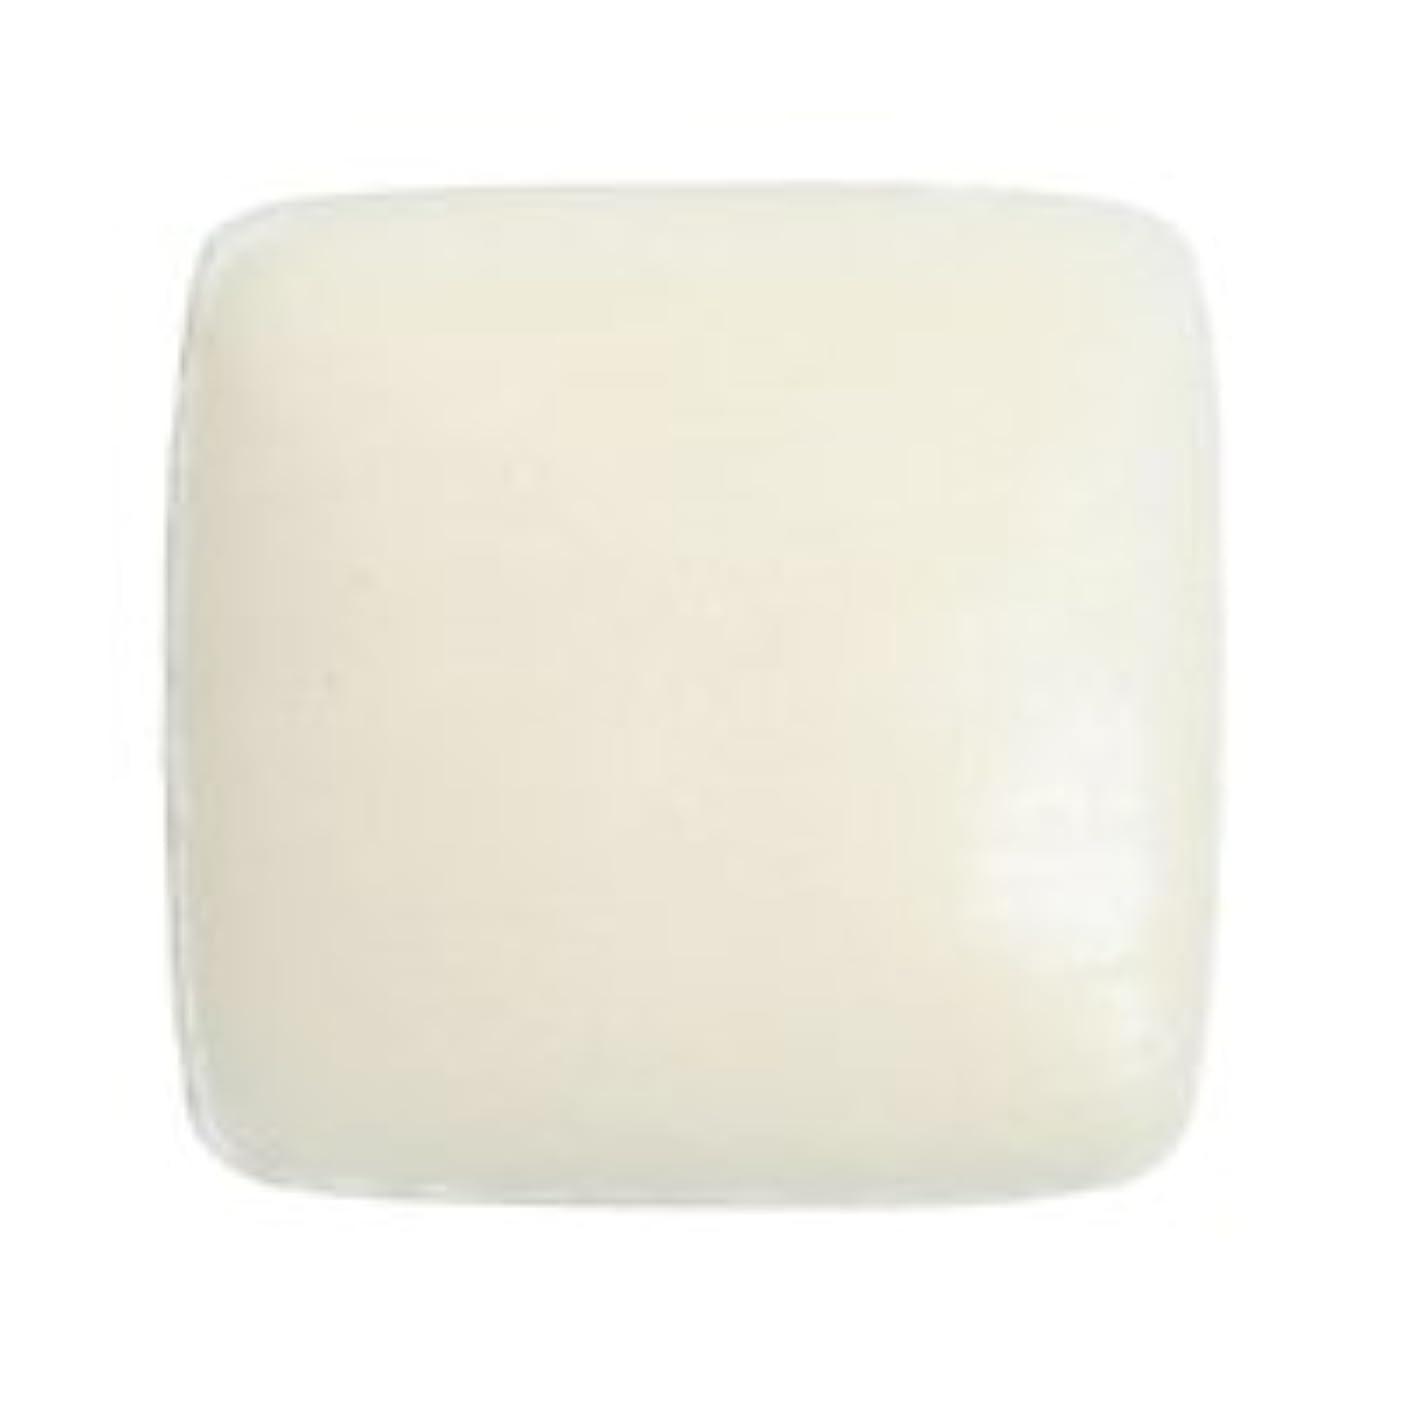 失速深遠ポスタードクターY ホワイトクレイソープ80g 固形石鹸